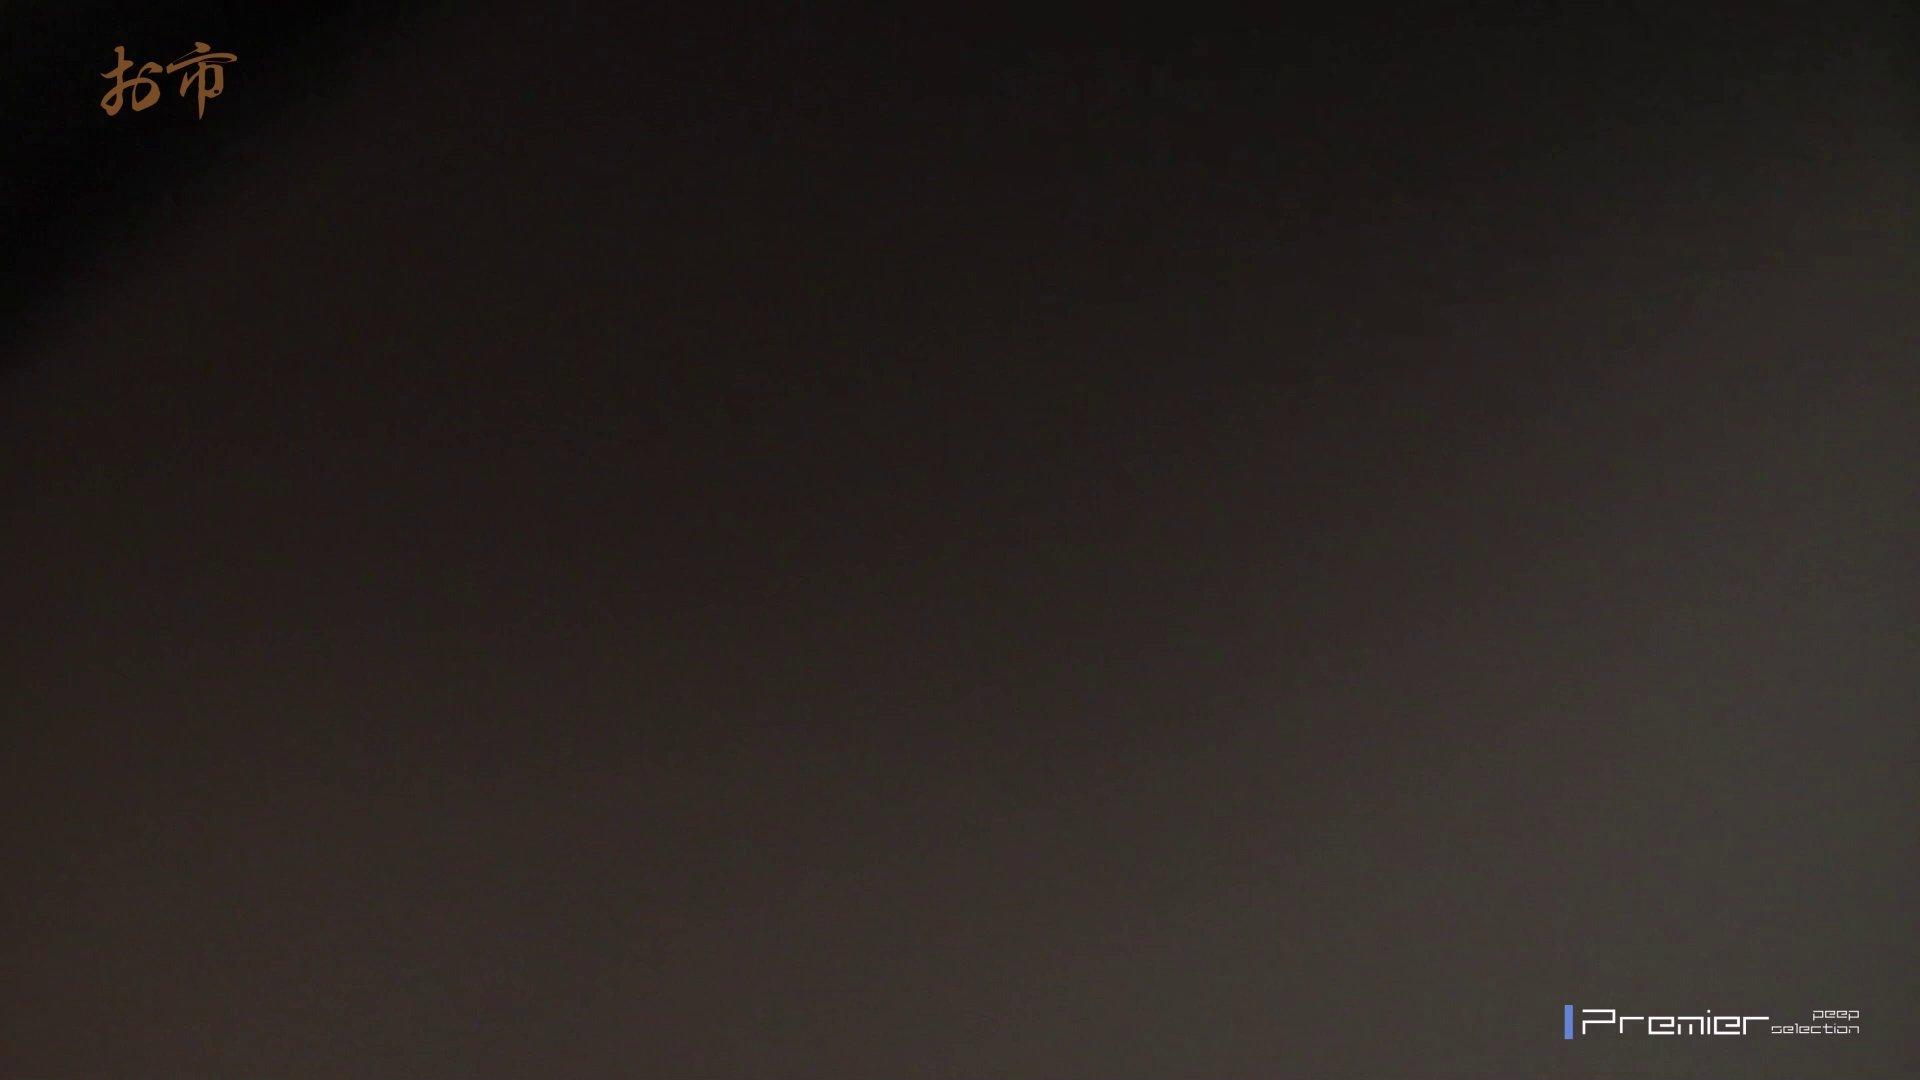 潜入!!台湾名門女学院 Vol.14 ラストコンテンツ!! エロくん潜入 ぱこり動画紹介 86連発 51